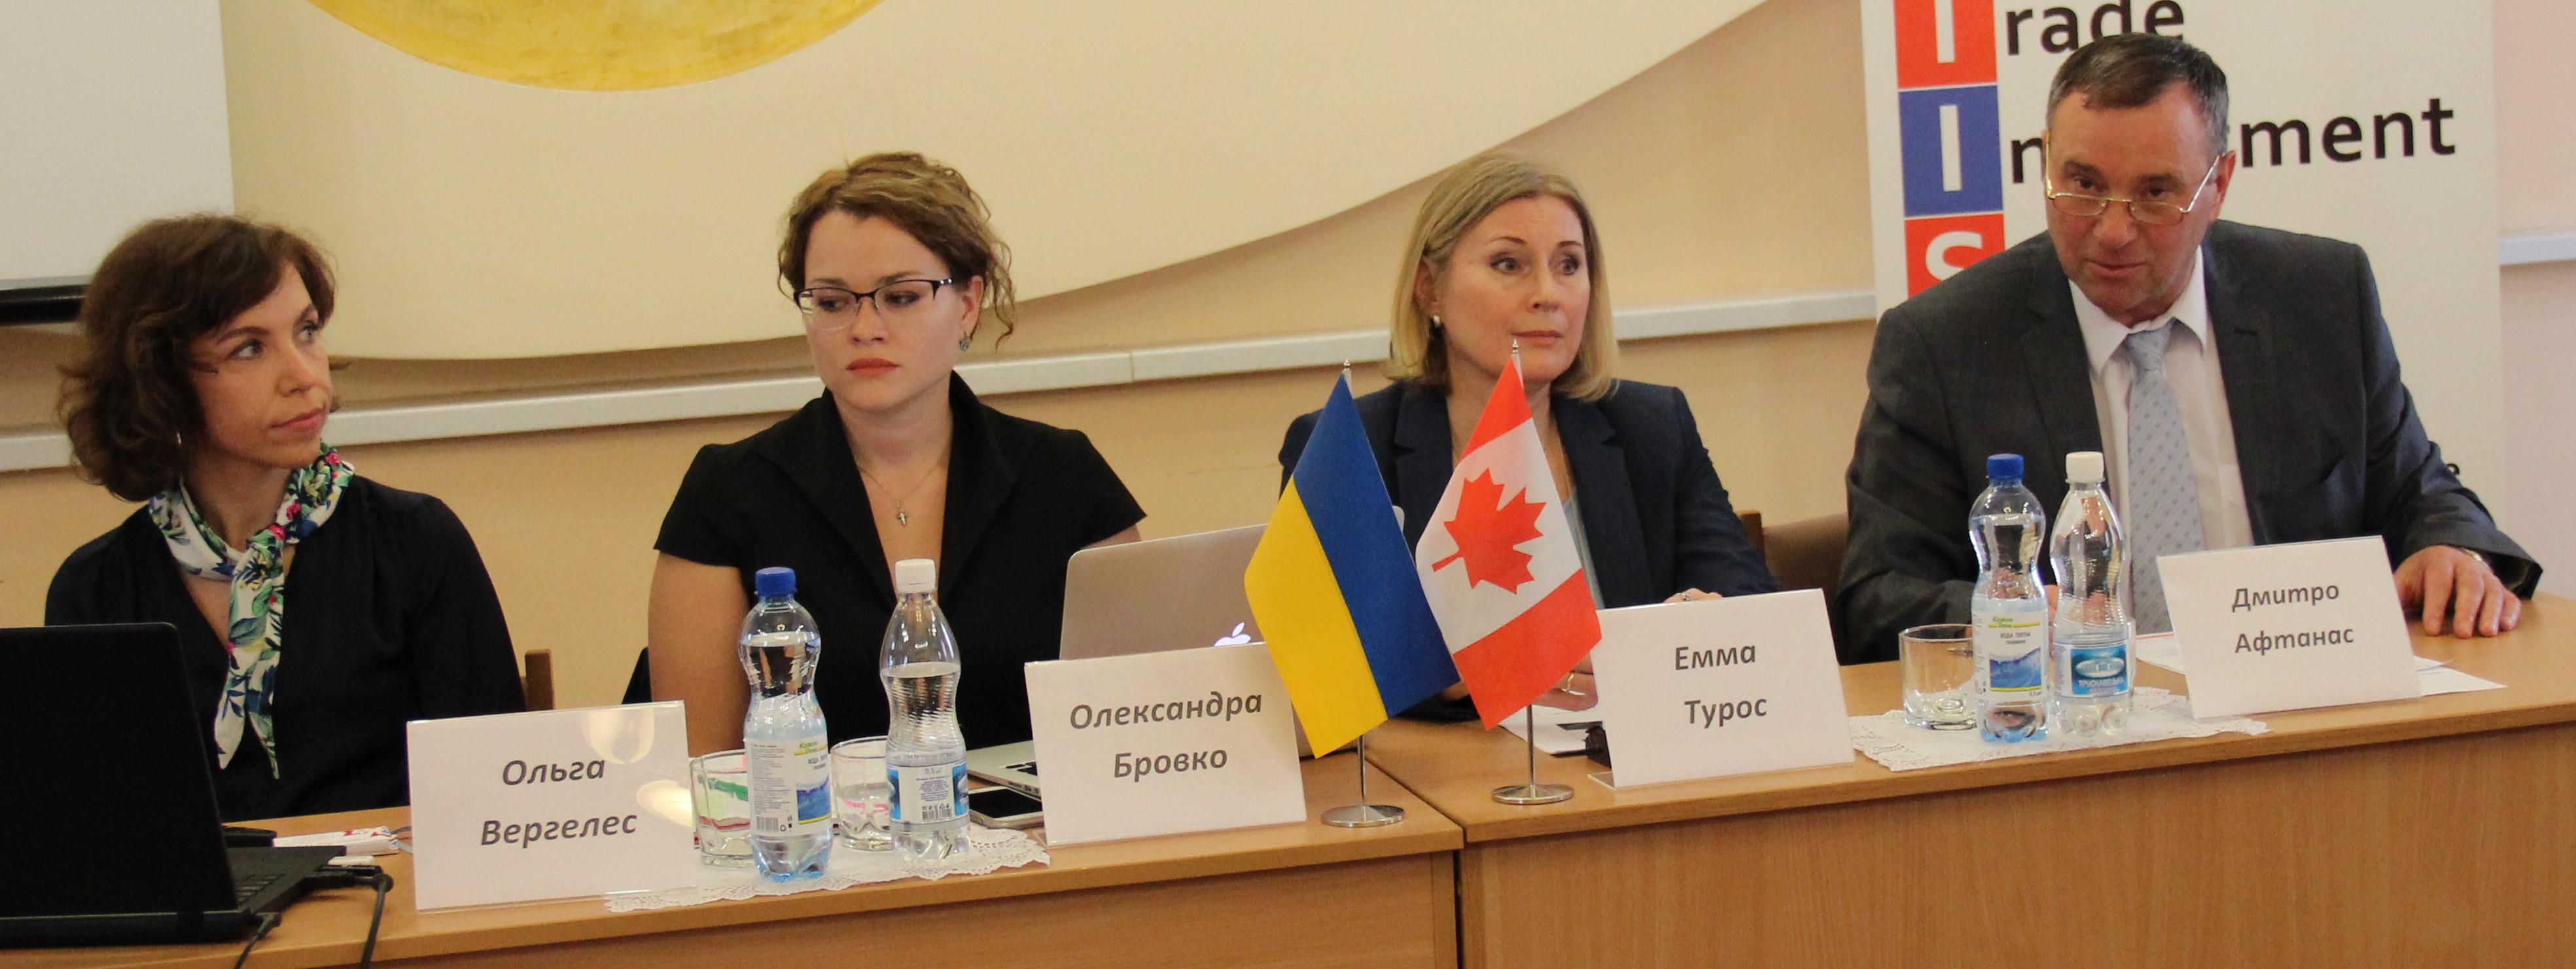 13 червня 2017 року у Львівській ТПП відбувся семінар  «CUFTA в дії   можливості вільної торгівлі з Канадою». 0431e78d20500